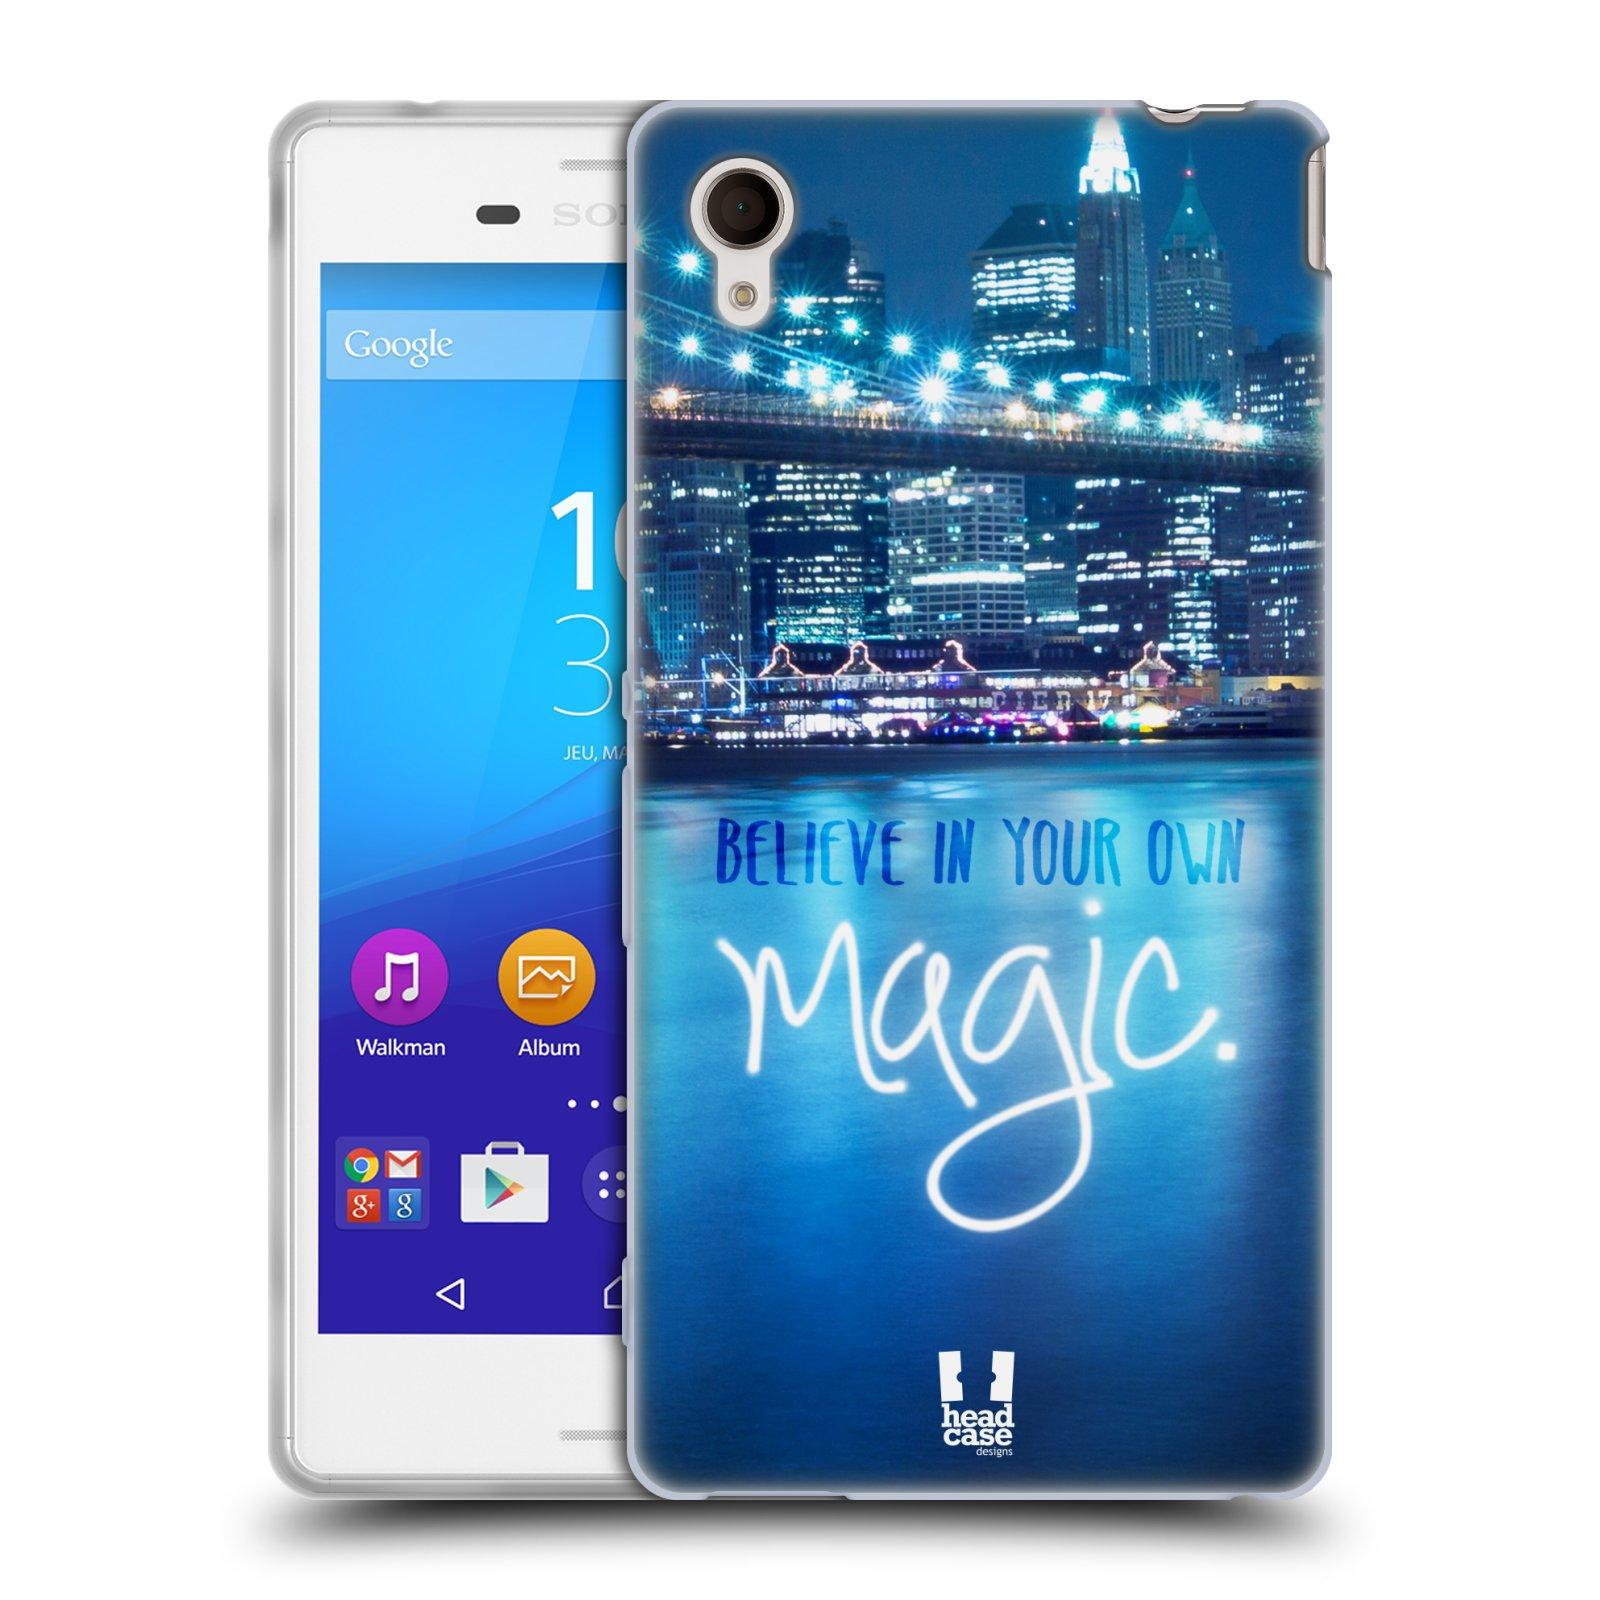 Silikonové pouzdro na mobil Sony Xperia M4 Aqua E2303 HEAD CASE MAGICAL (Silikonový kryt či obal na mobilní telefon Sony Xperia M4 Aqua a M4 Aqua Dual SIM)